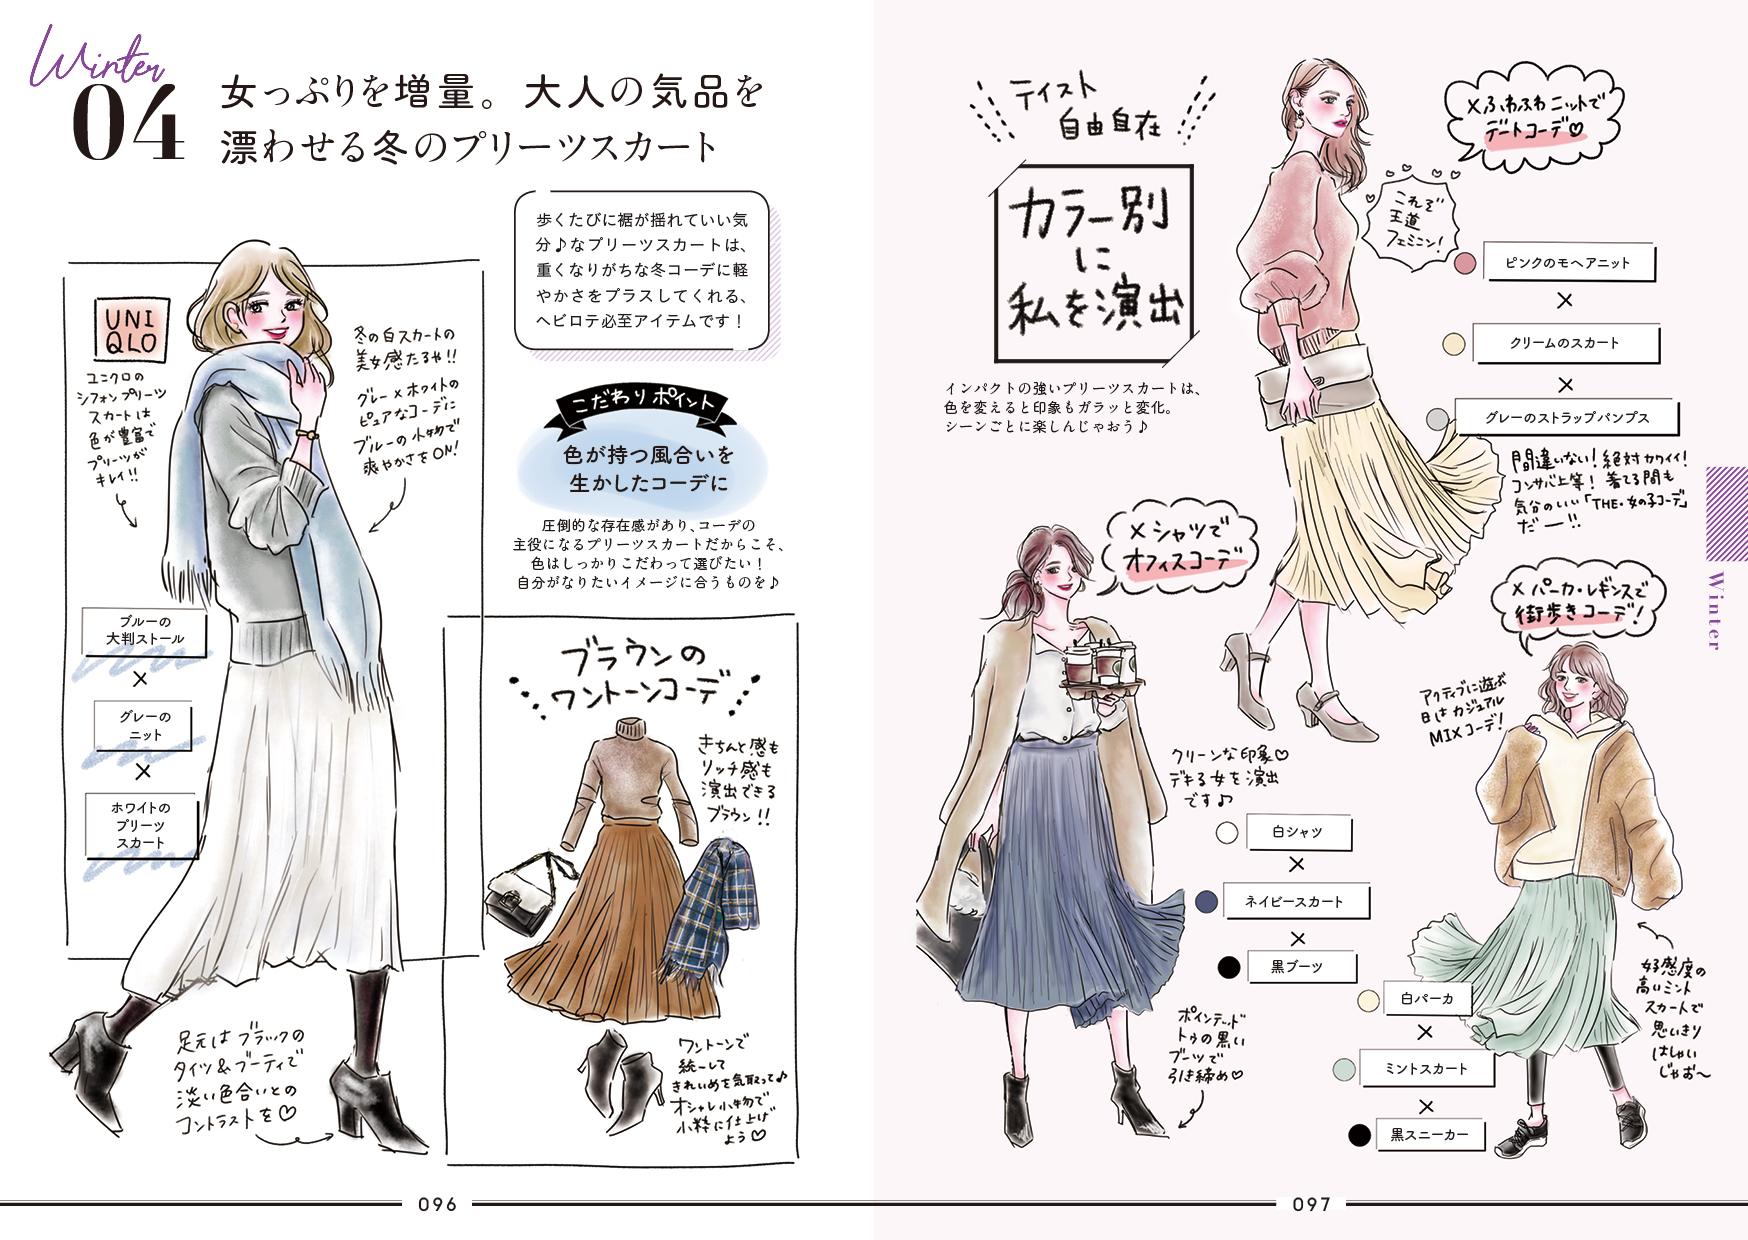 画像は、大人の気品を漂わせる冬のプリーツスカート